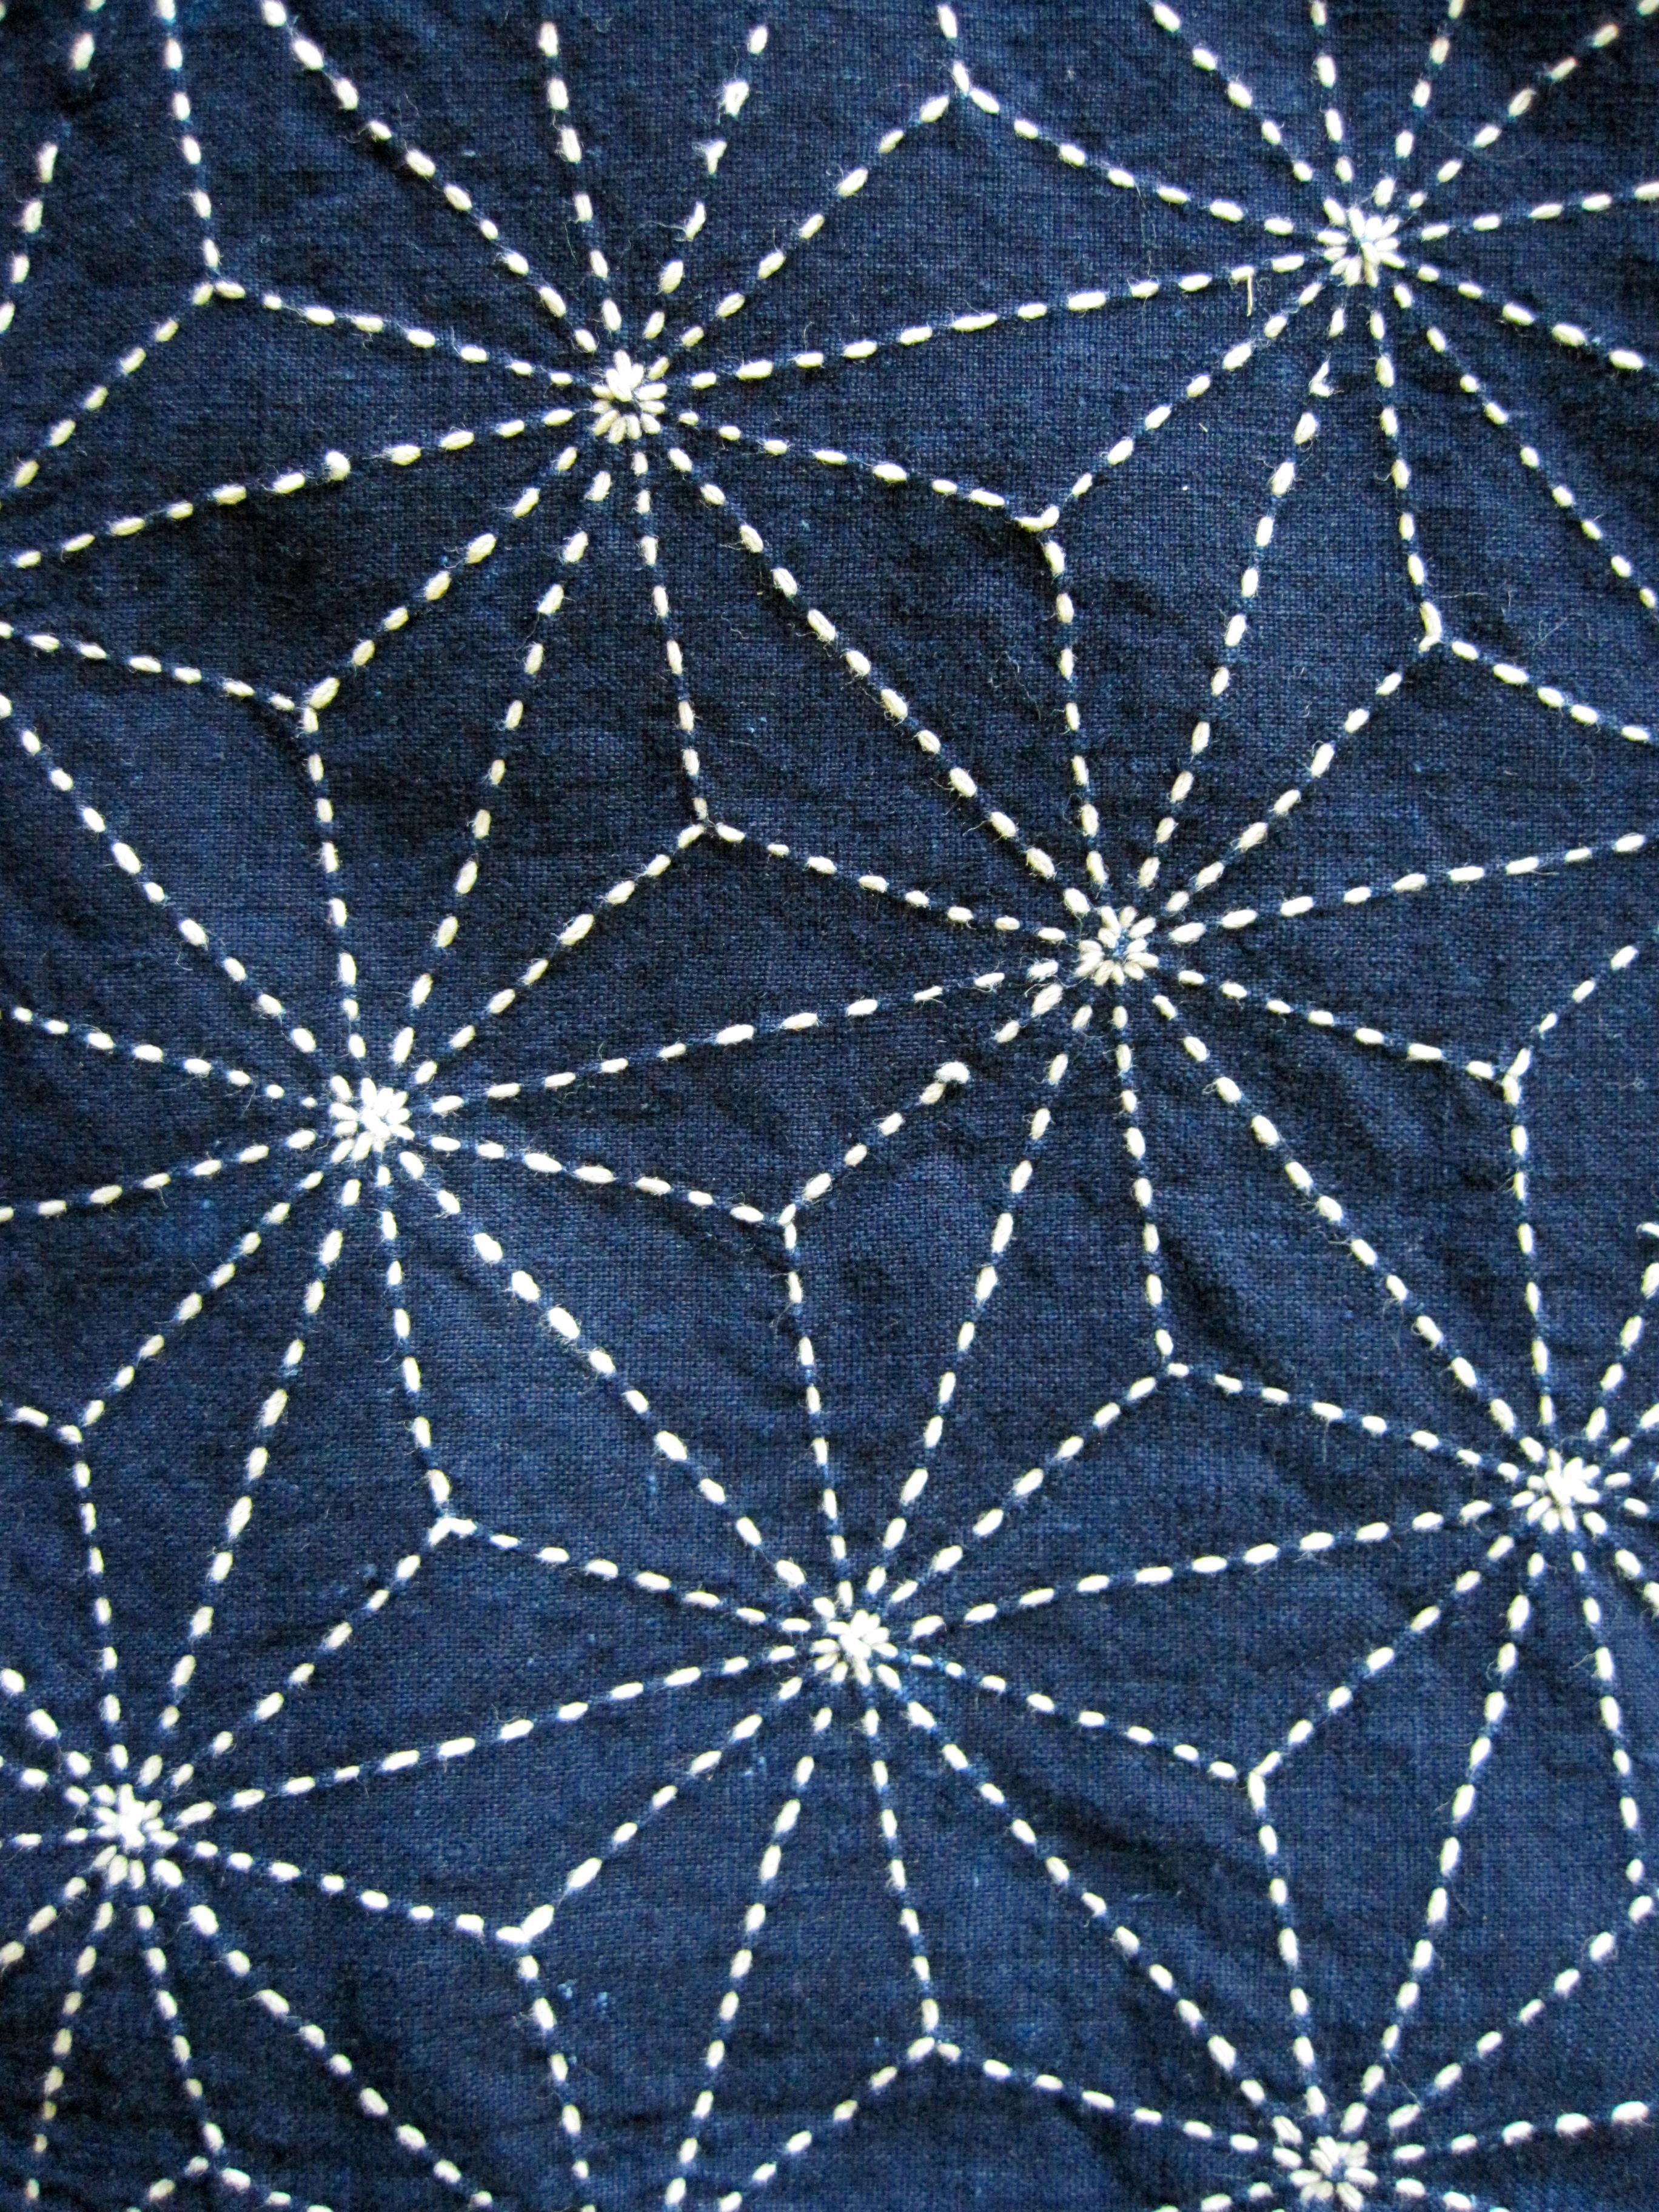 Sashiko Quilting Patterns : sashiko Minami Textiles